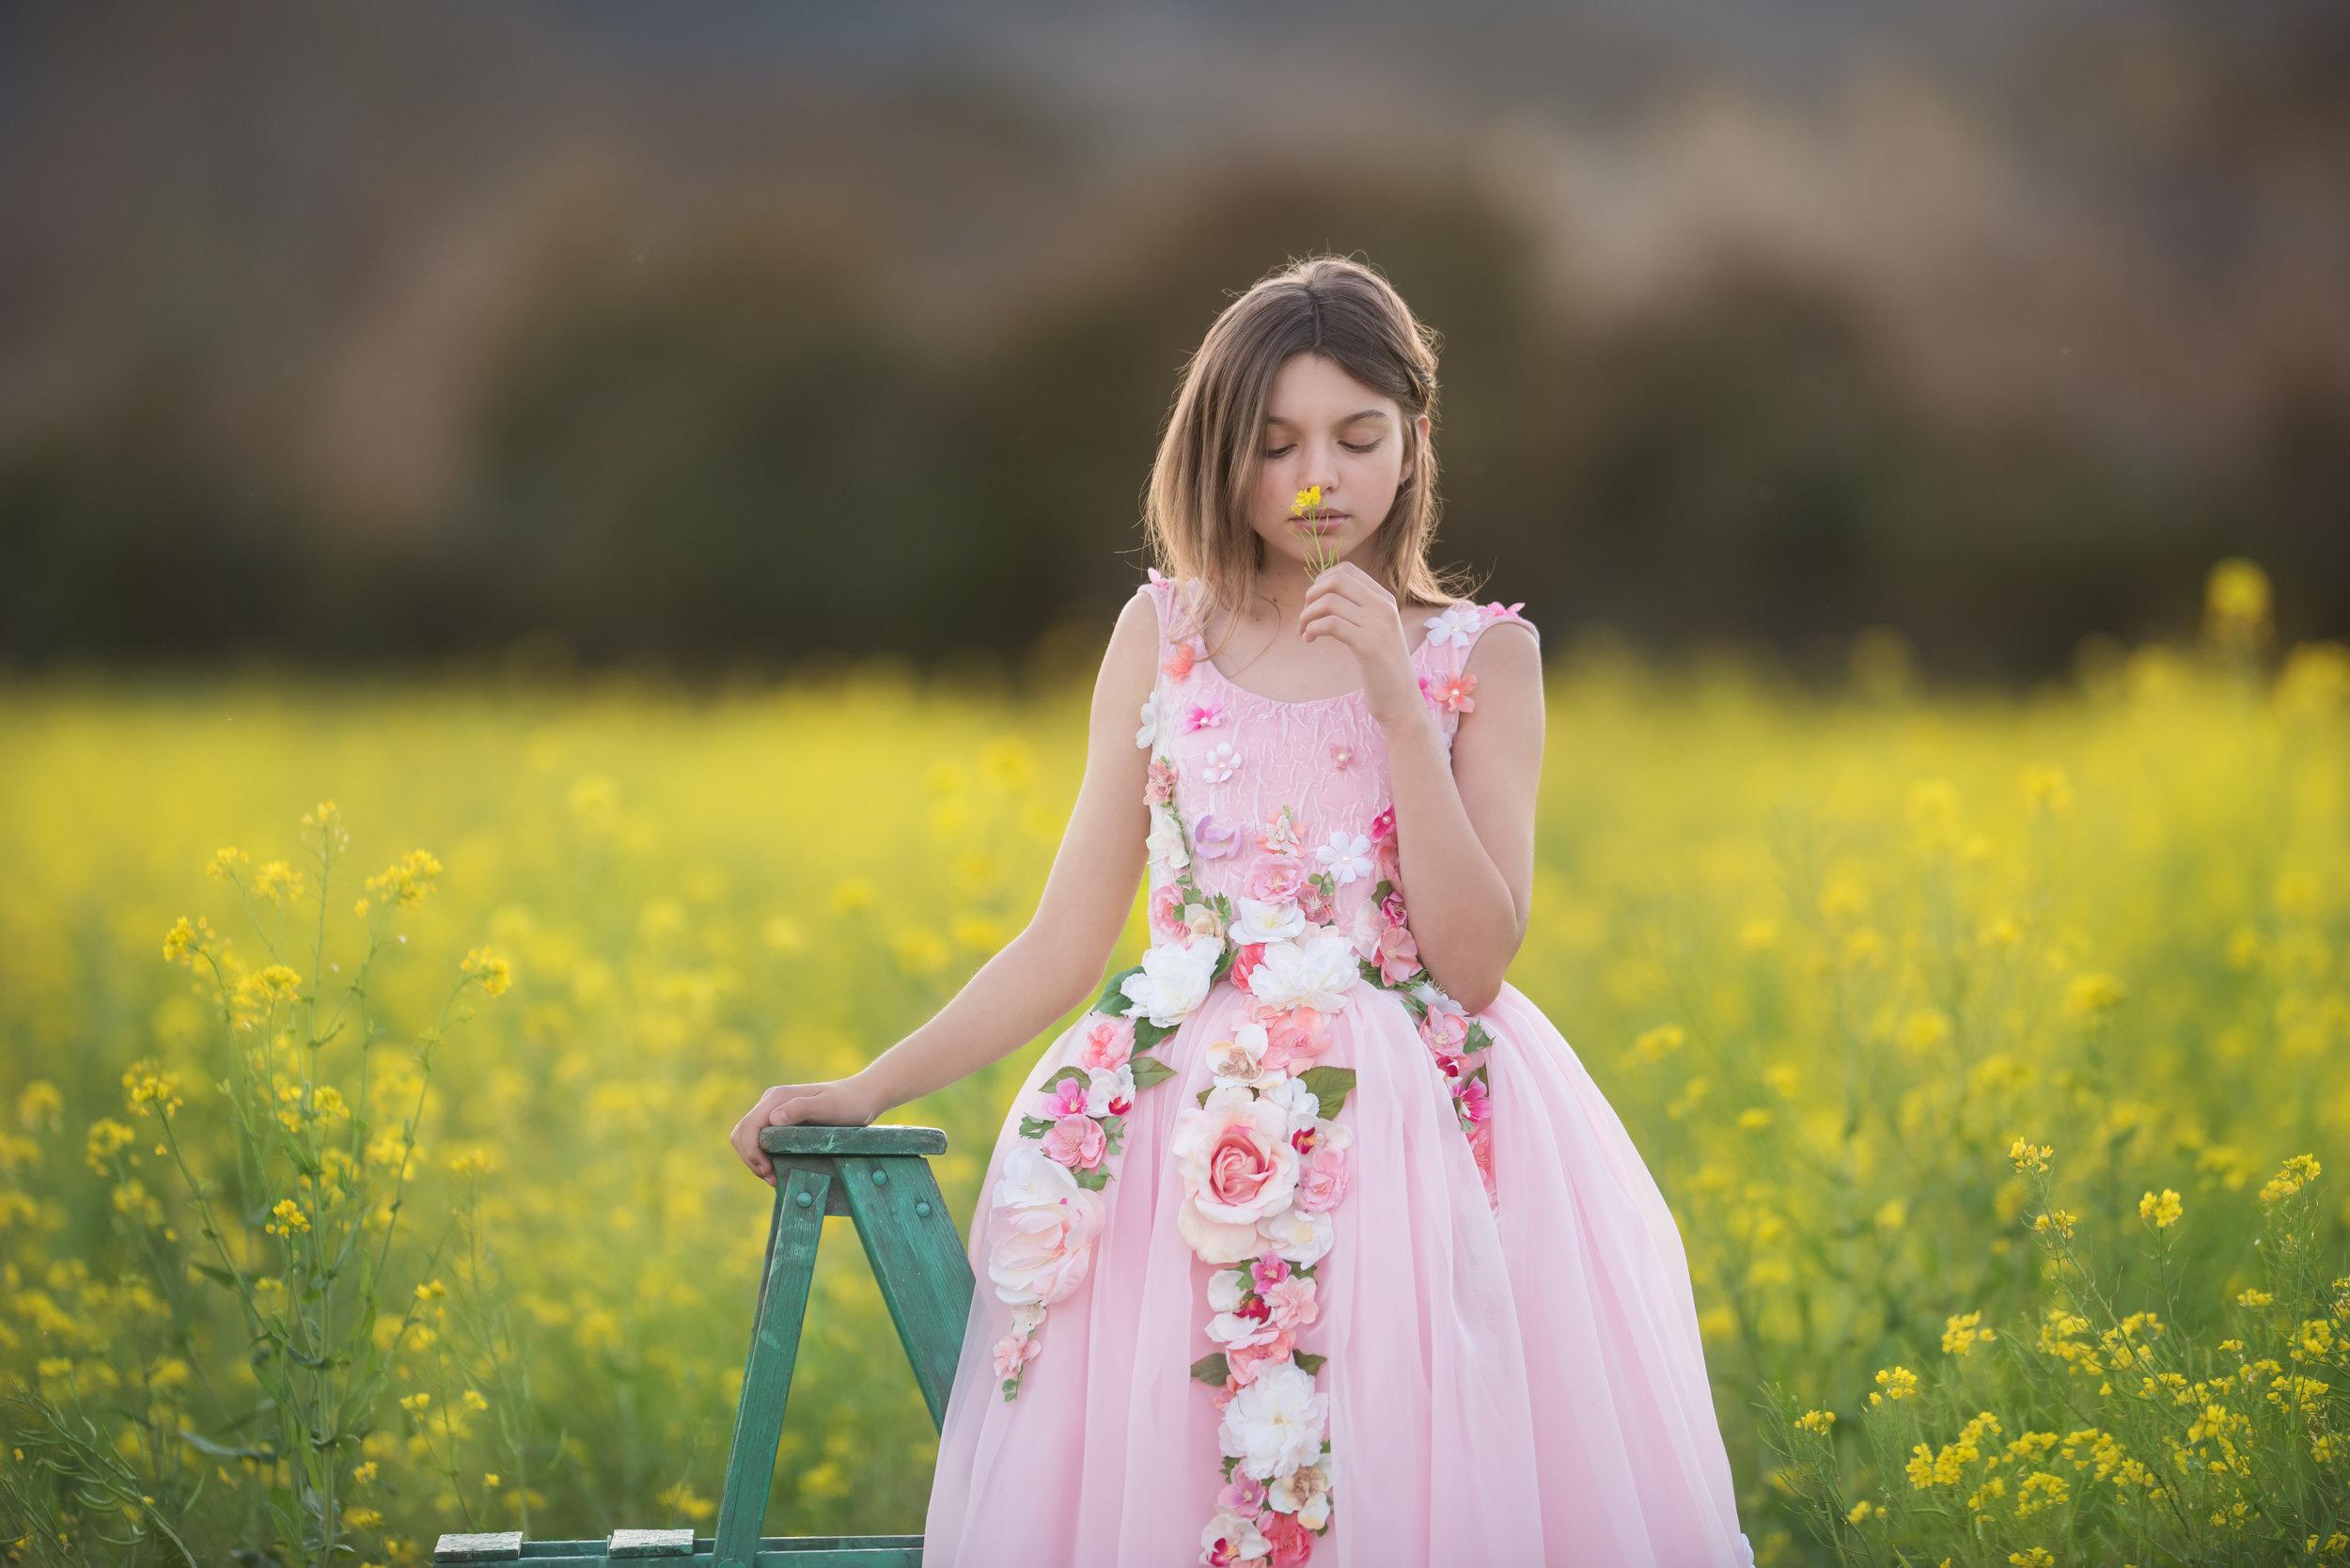 Alexa 4-Angelika Mitchell Photography (1 of 1).jpg